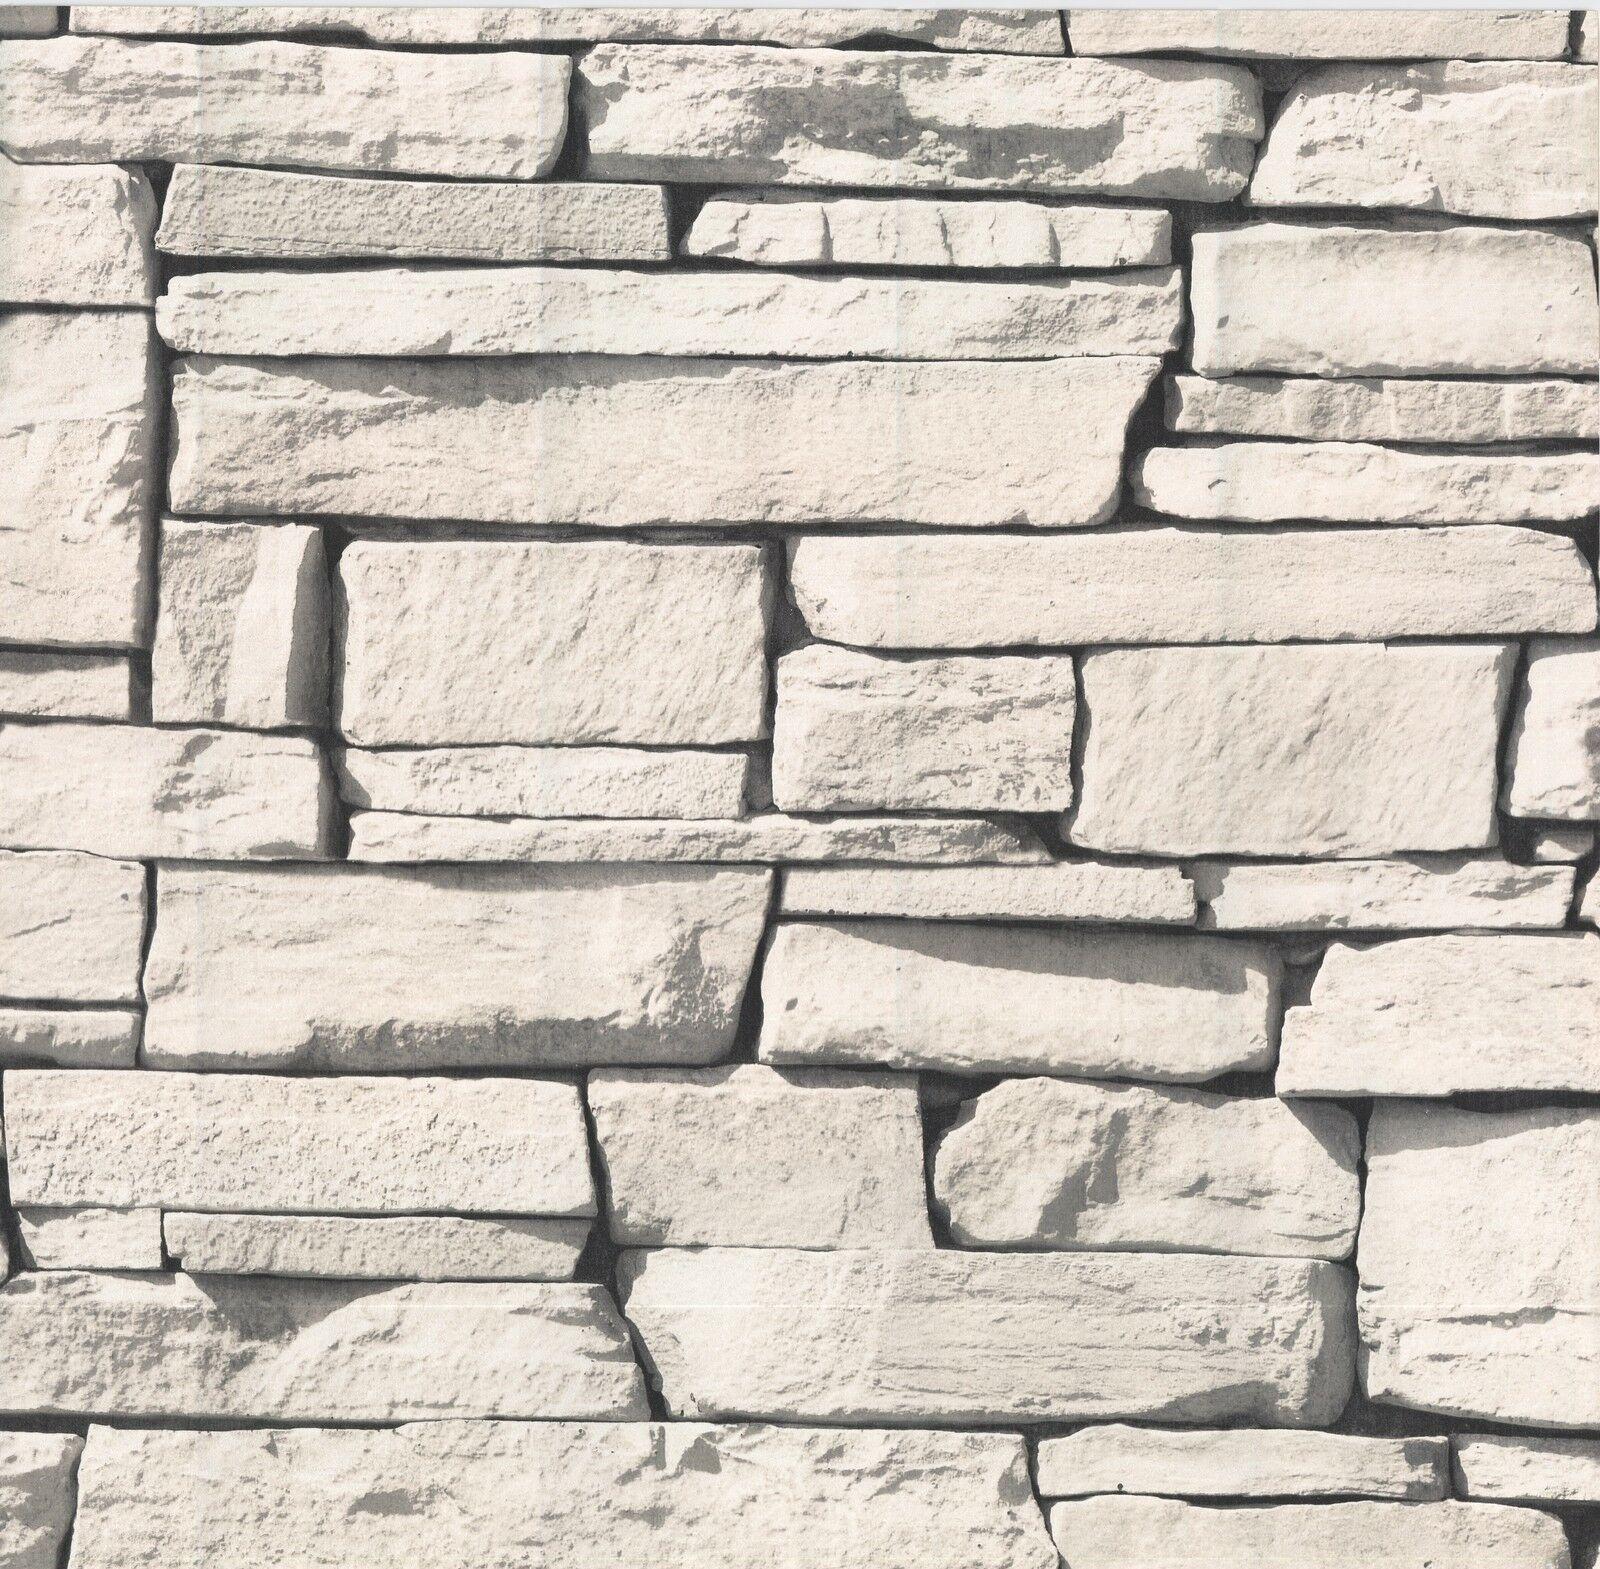 vlies tapete bruchstein stein mauer ziegelstein creme grau klinker grandeco kaufen bei. Black Bedroom Furniture Sets. Home Design Ideas